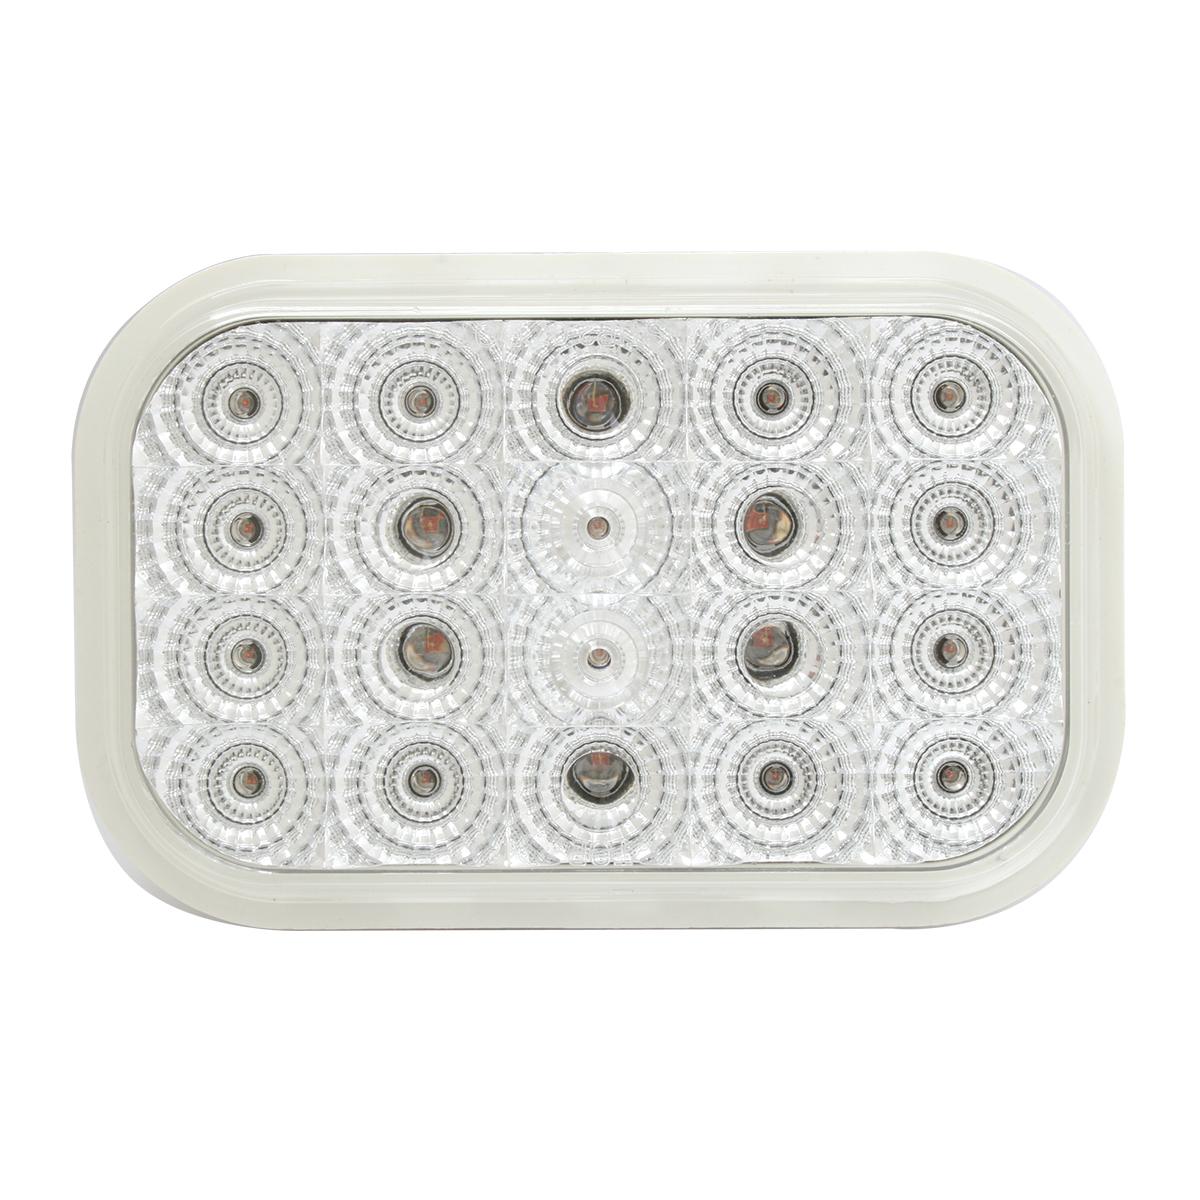 Rectangular Spyder LED Light in Clear Lens